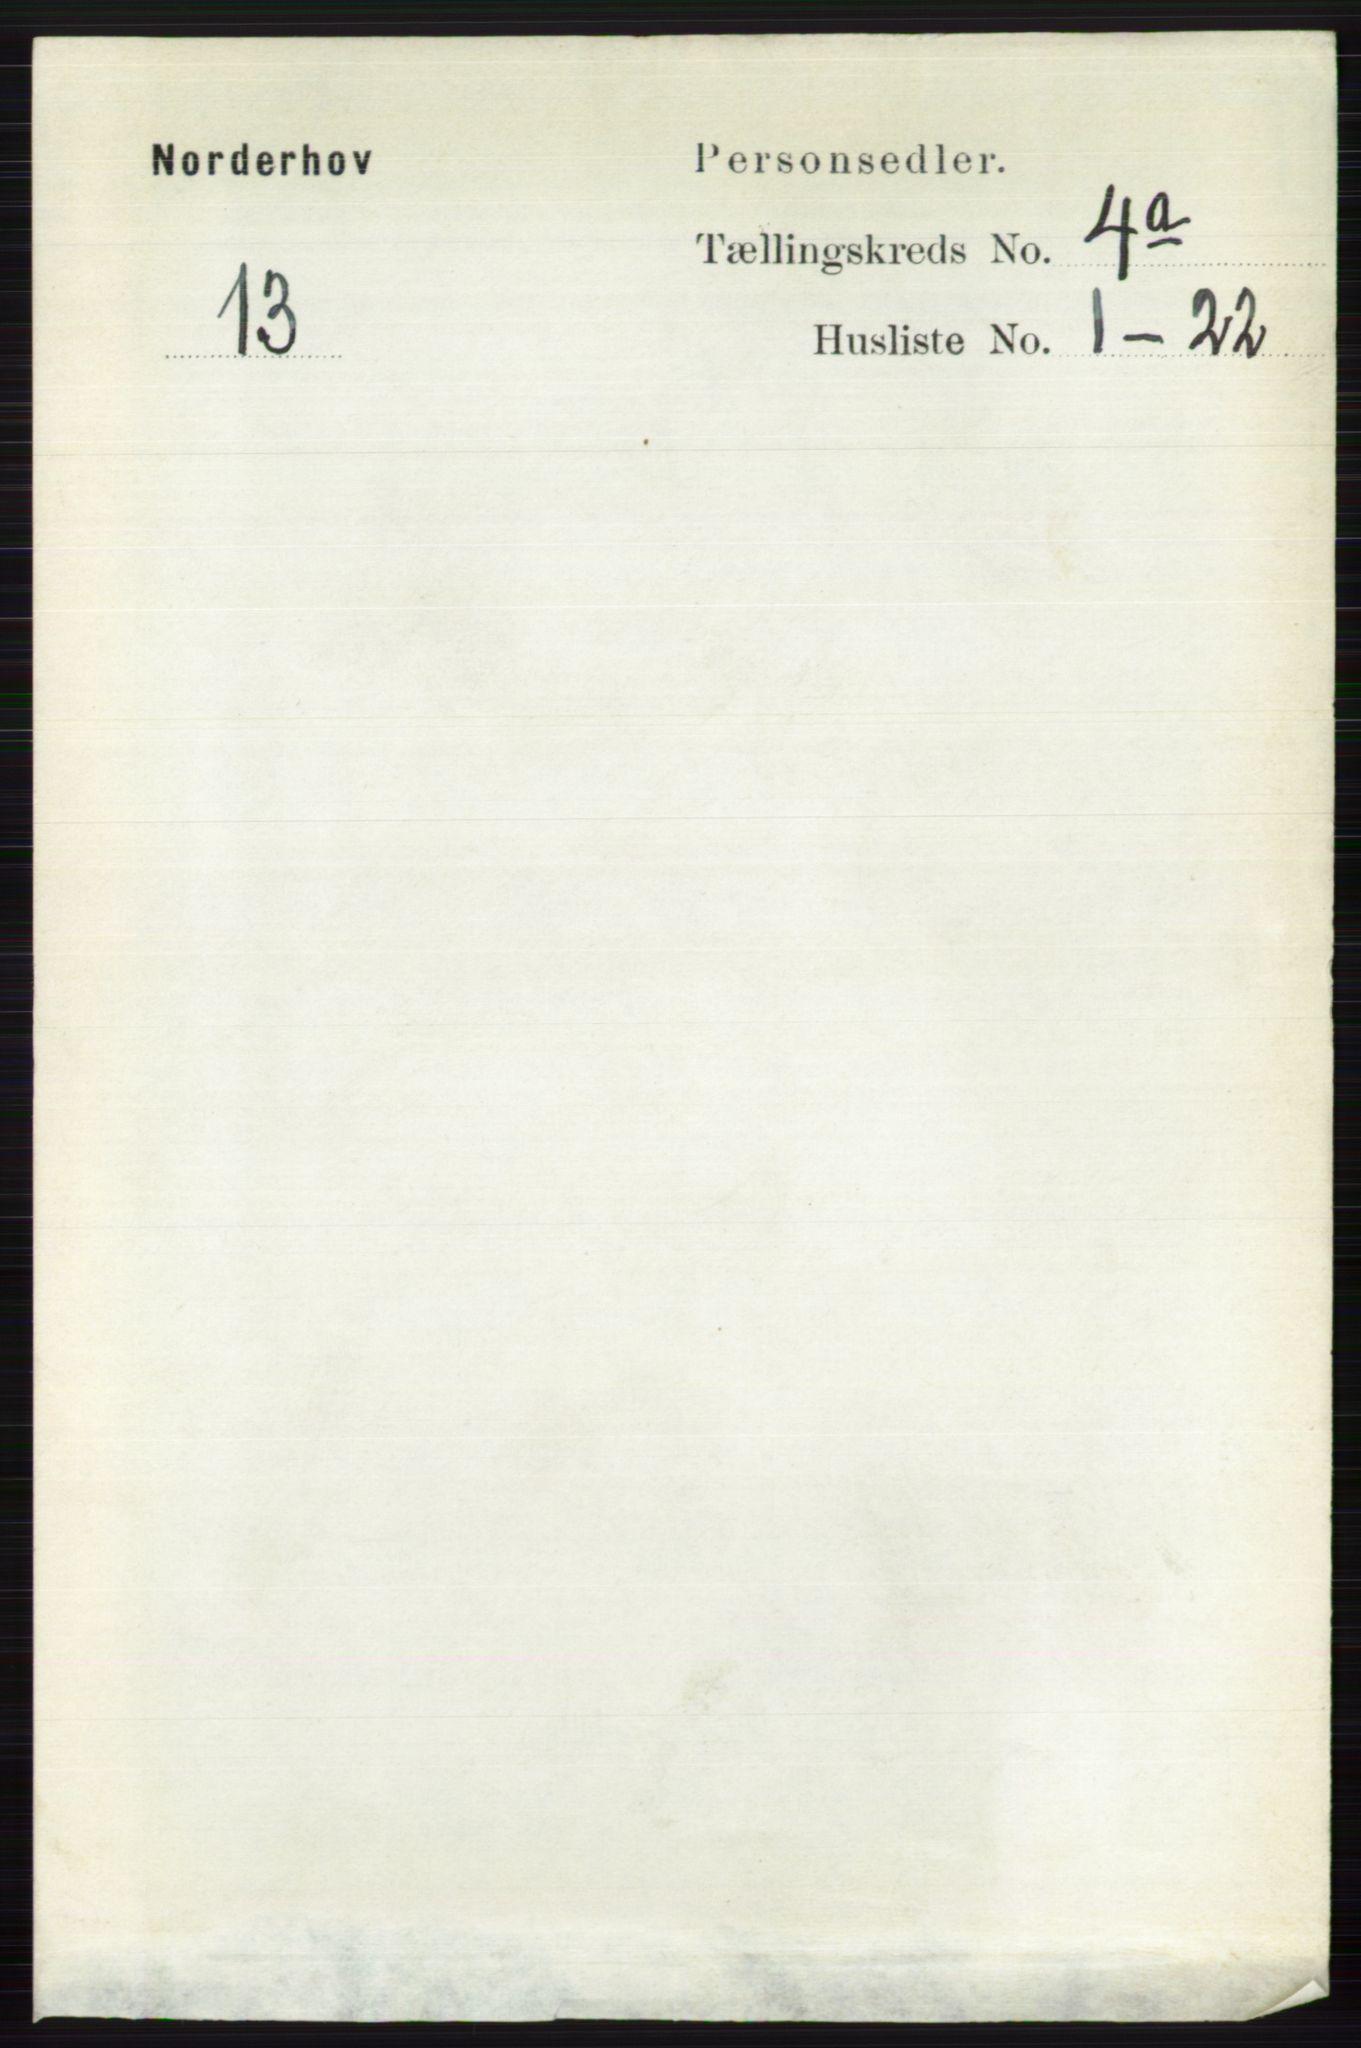 RA, Folketelling 1891 for 0613 Norderhov herred, 1891, s. 1714